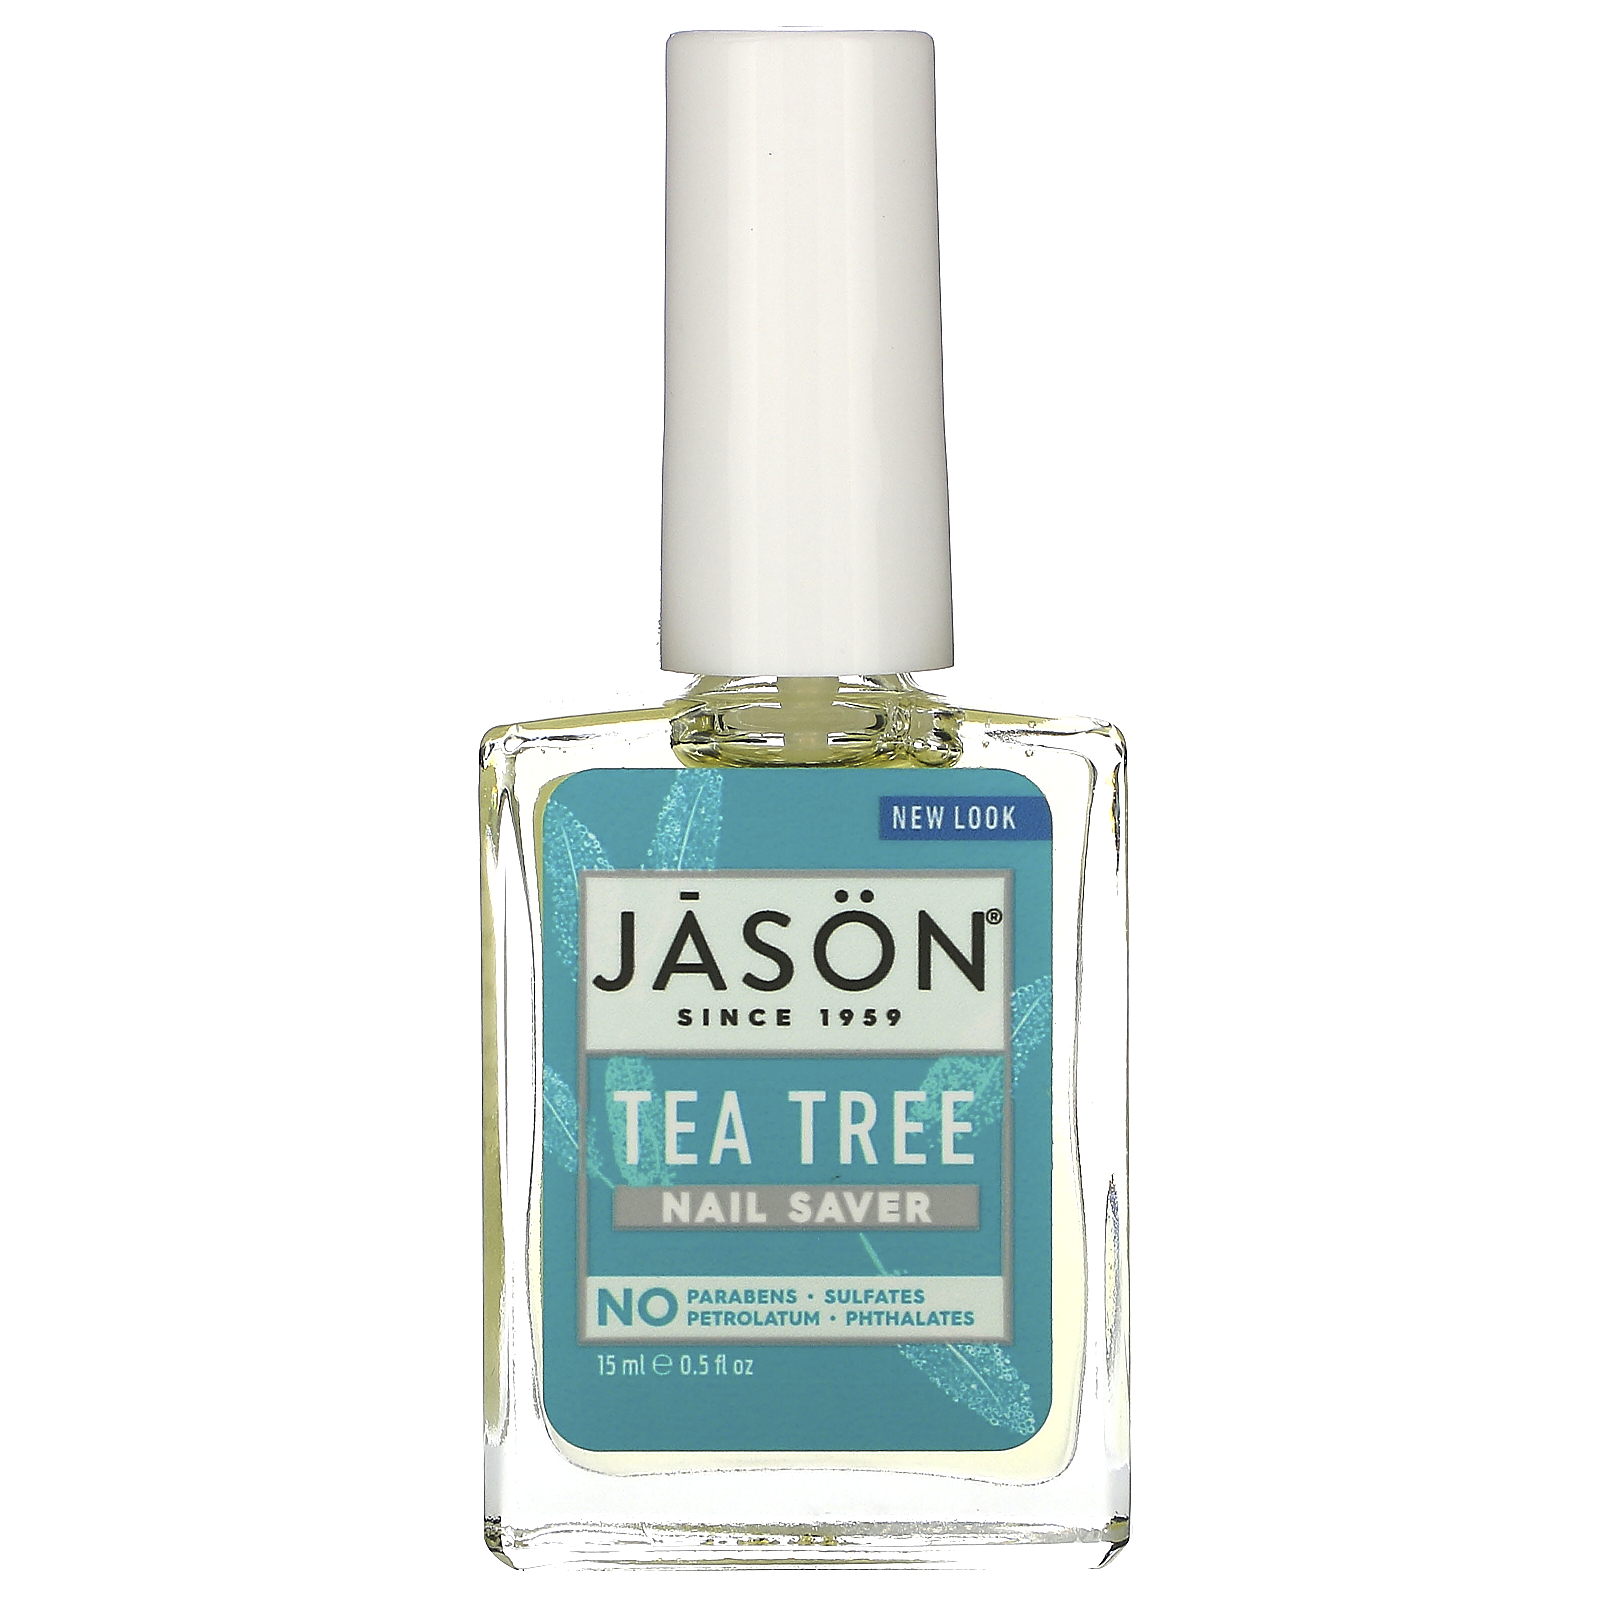 Jason Natural ネイルセーバーをCheck✔️